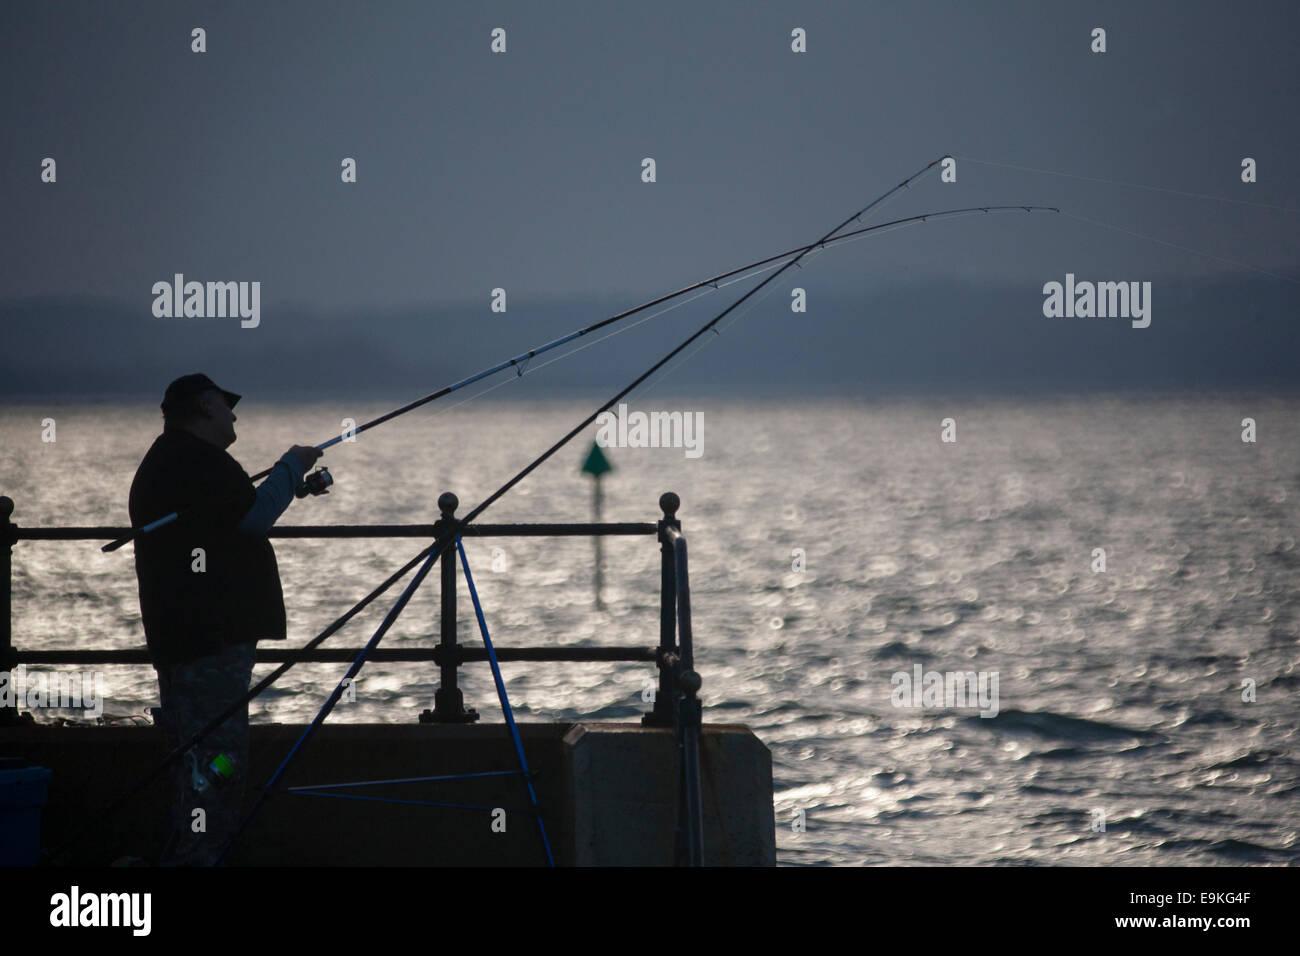 L'homme, pêche, mer, silhouette, tiges, rabatteurs, miroir, mer, Sparkle, rétroéclairé, Photo Stock